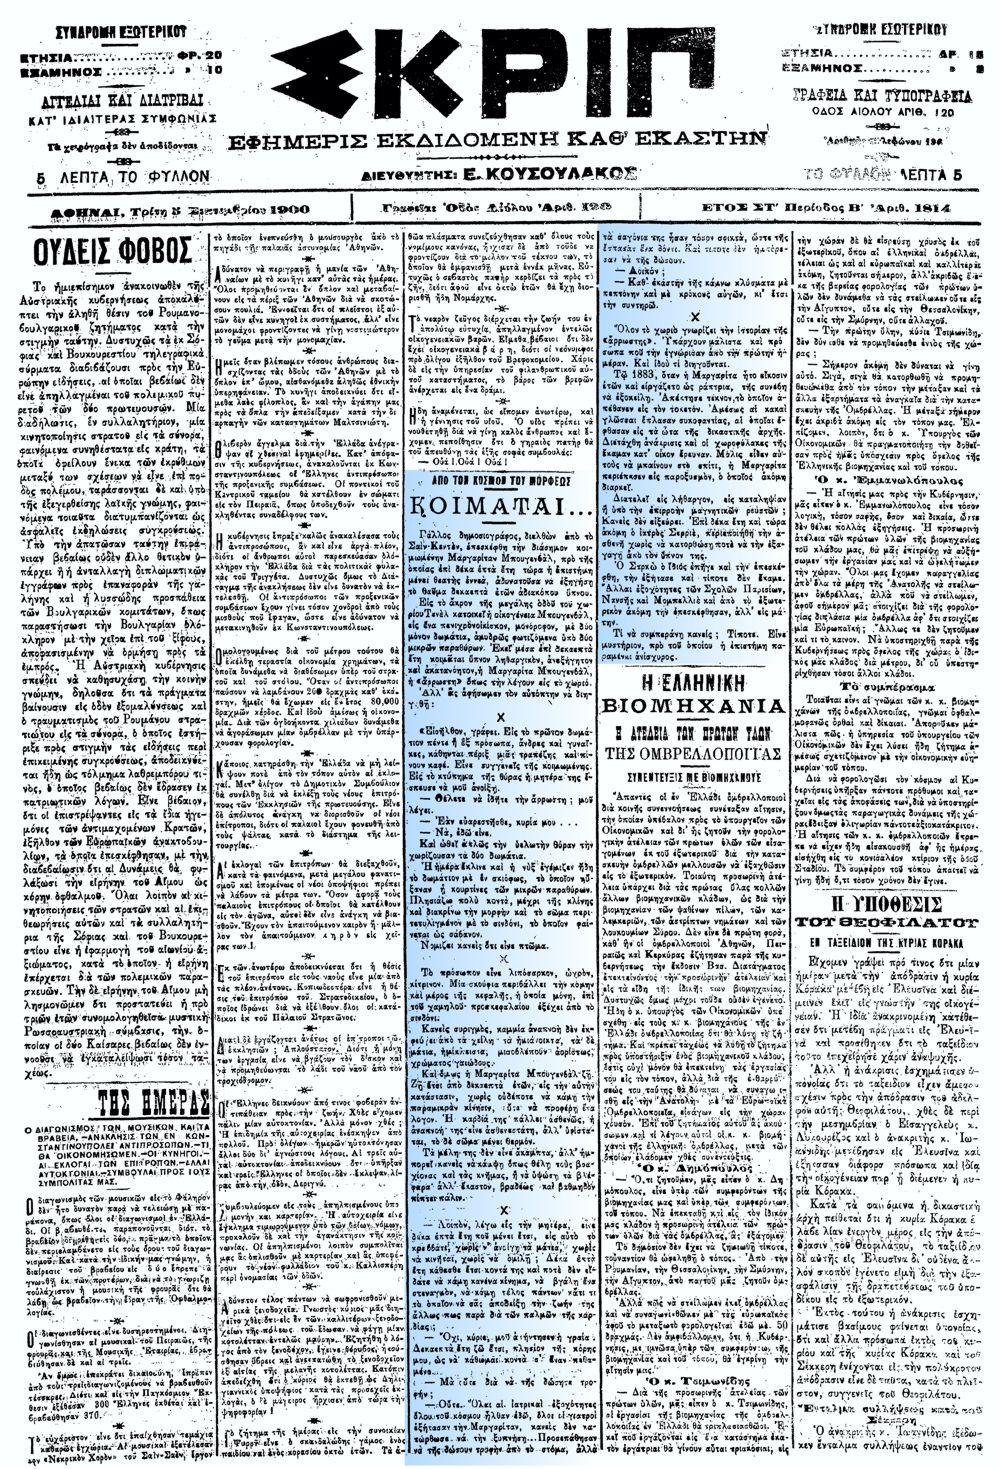 """Το άρθρο, όπως δημοσιεύθηκε στην εφημερίδα """"ΣΚΡΙΠ"""", στις 05/09/1900"""